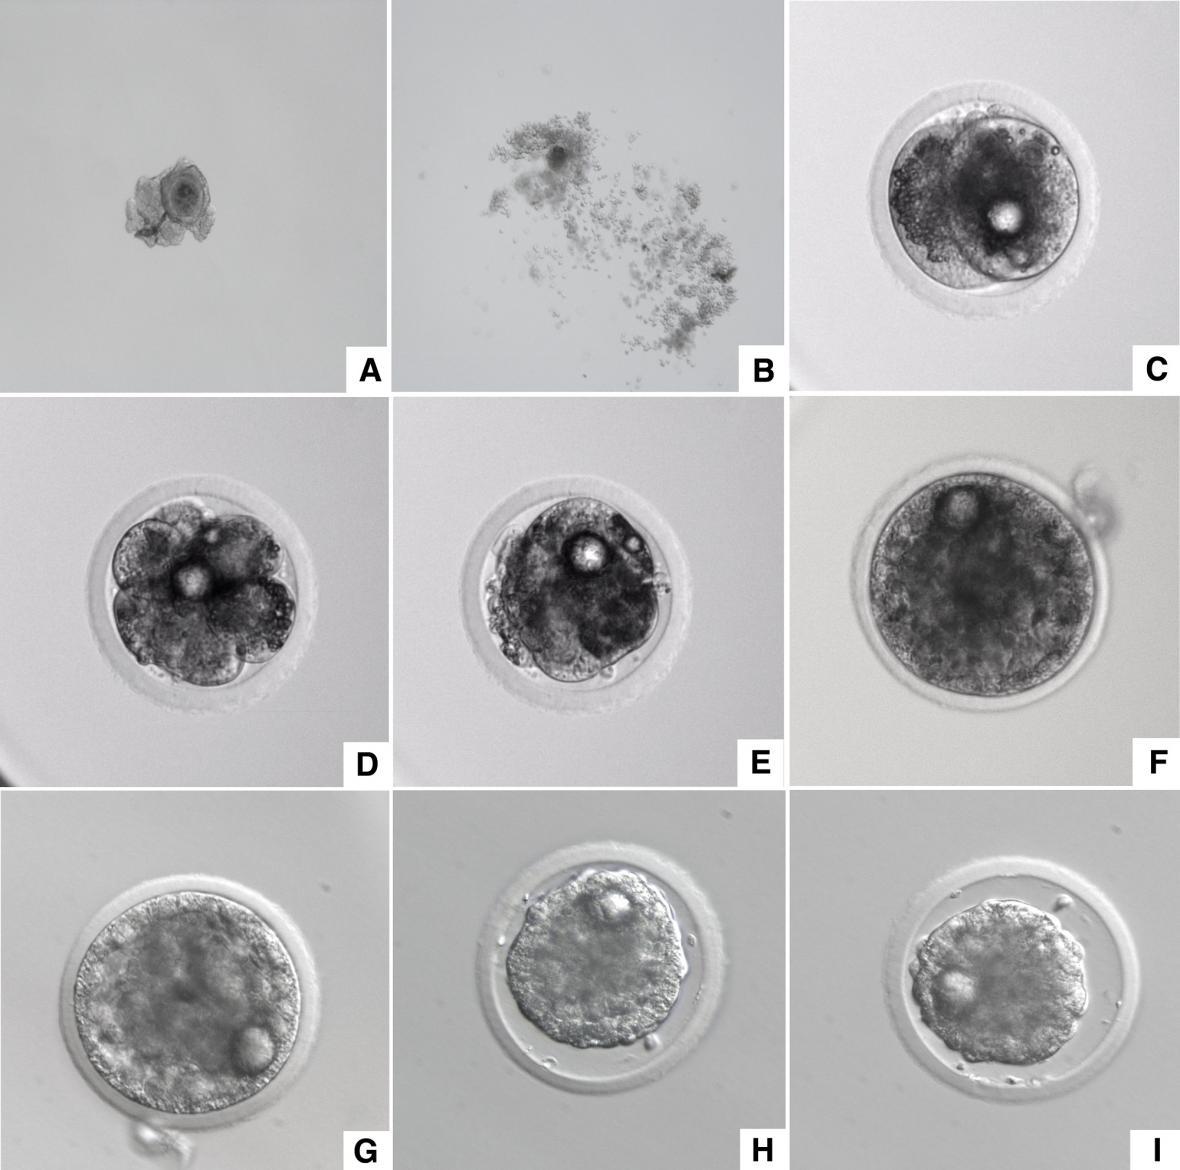 Vývoj embrya